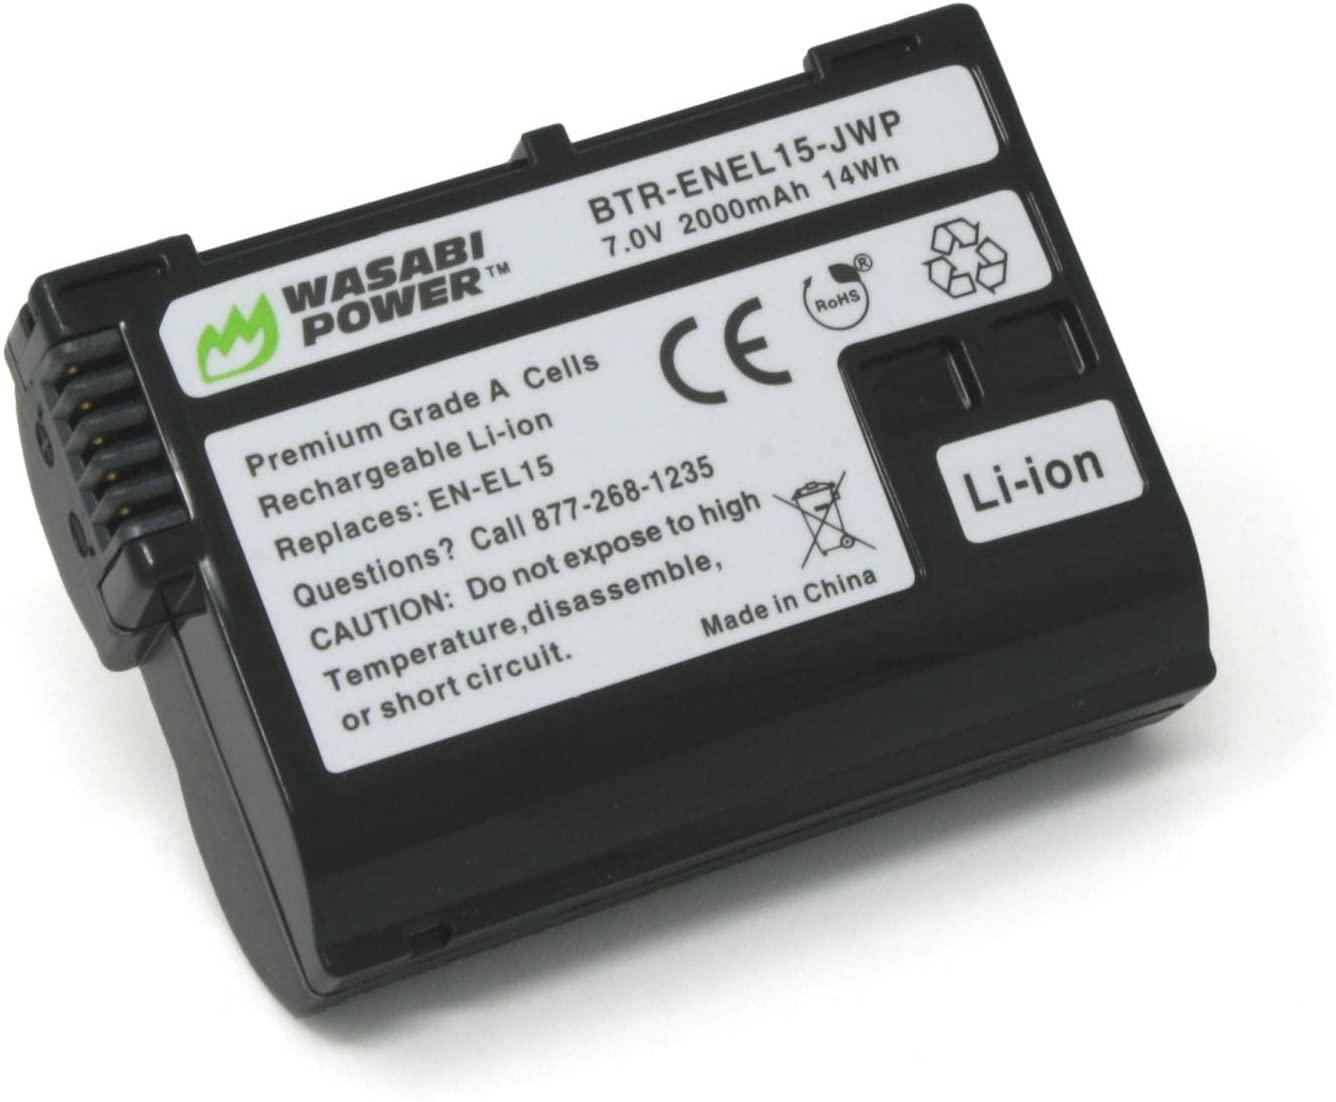 Bateria Nikon EN-EL15 - Similar